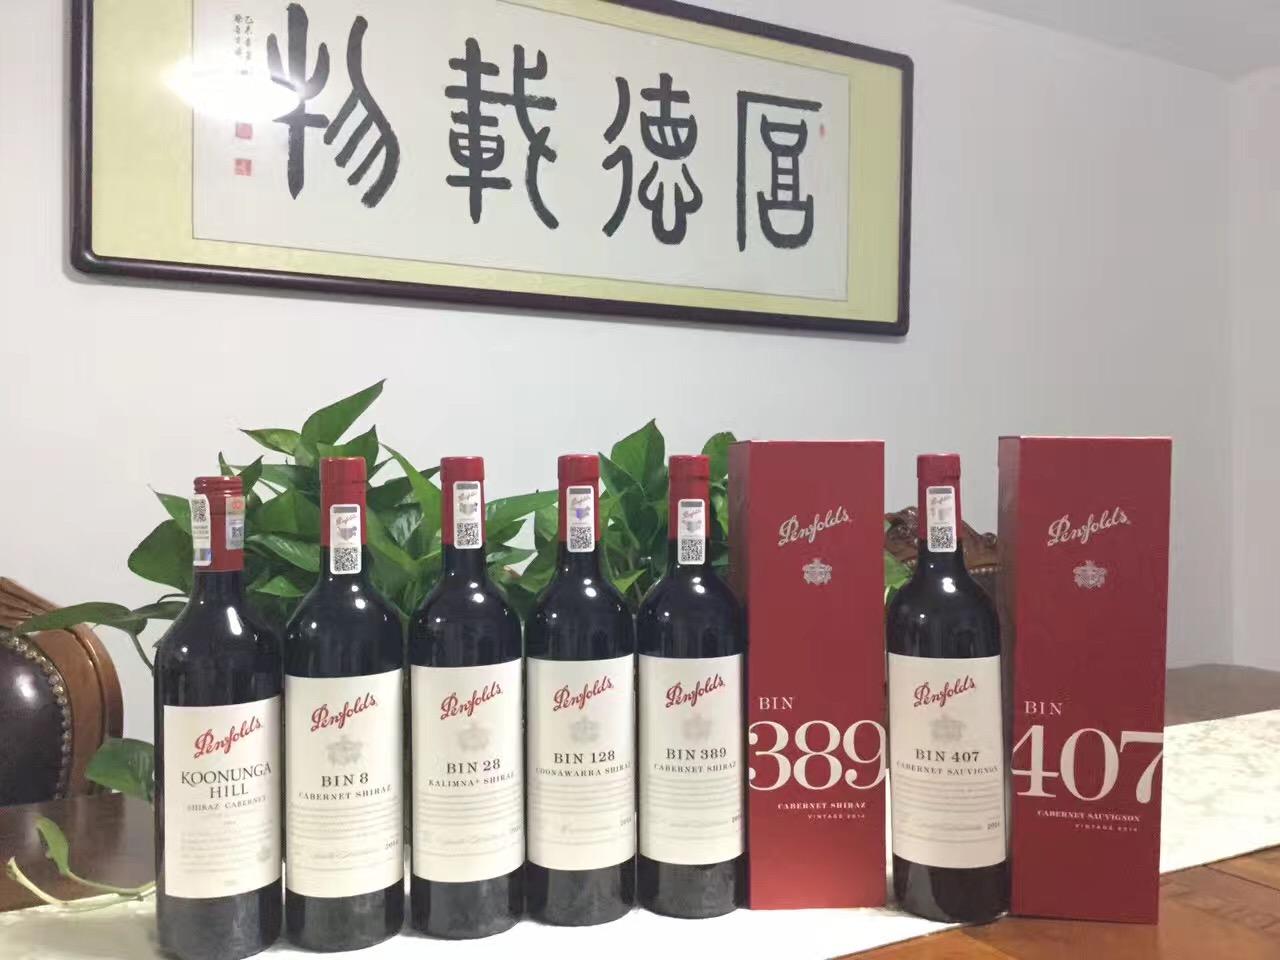 葡越红酒苏州仓储中心